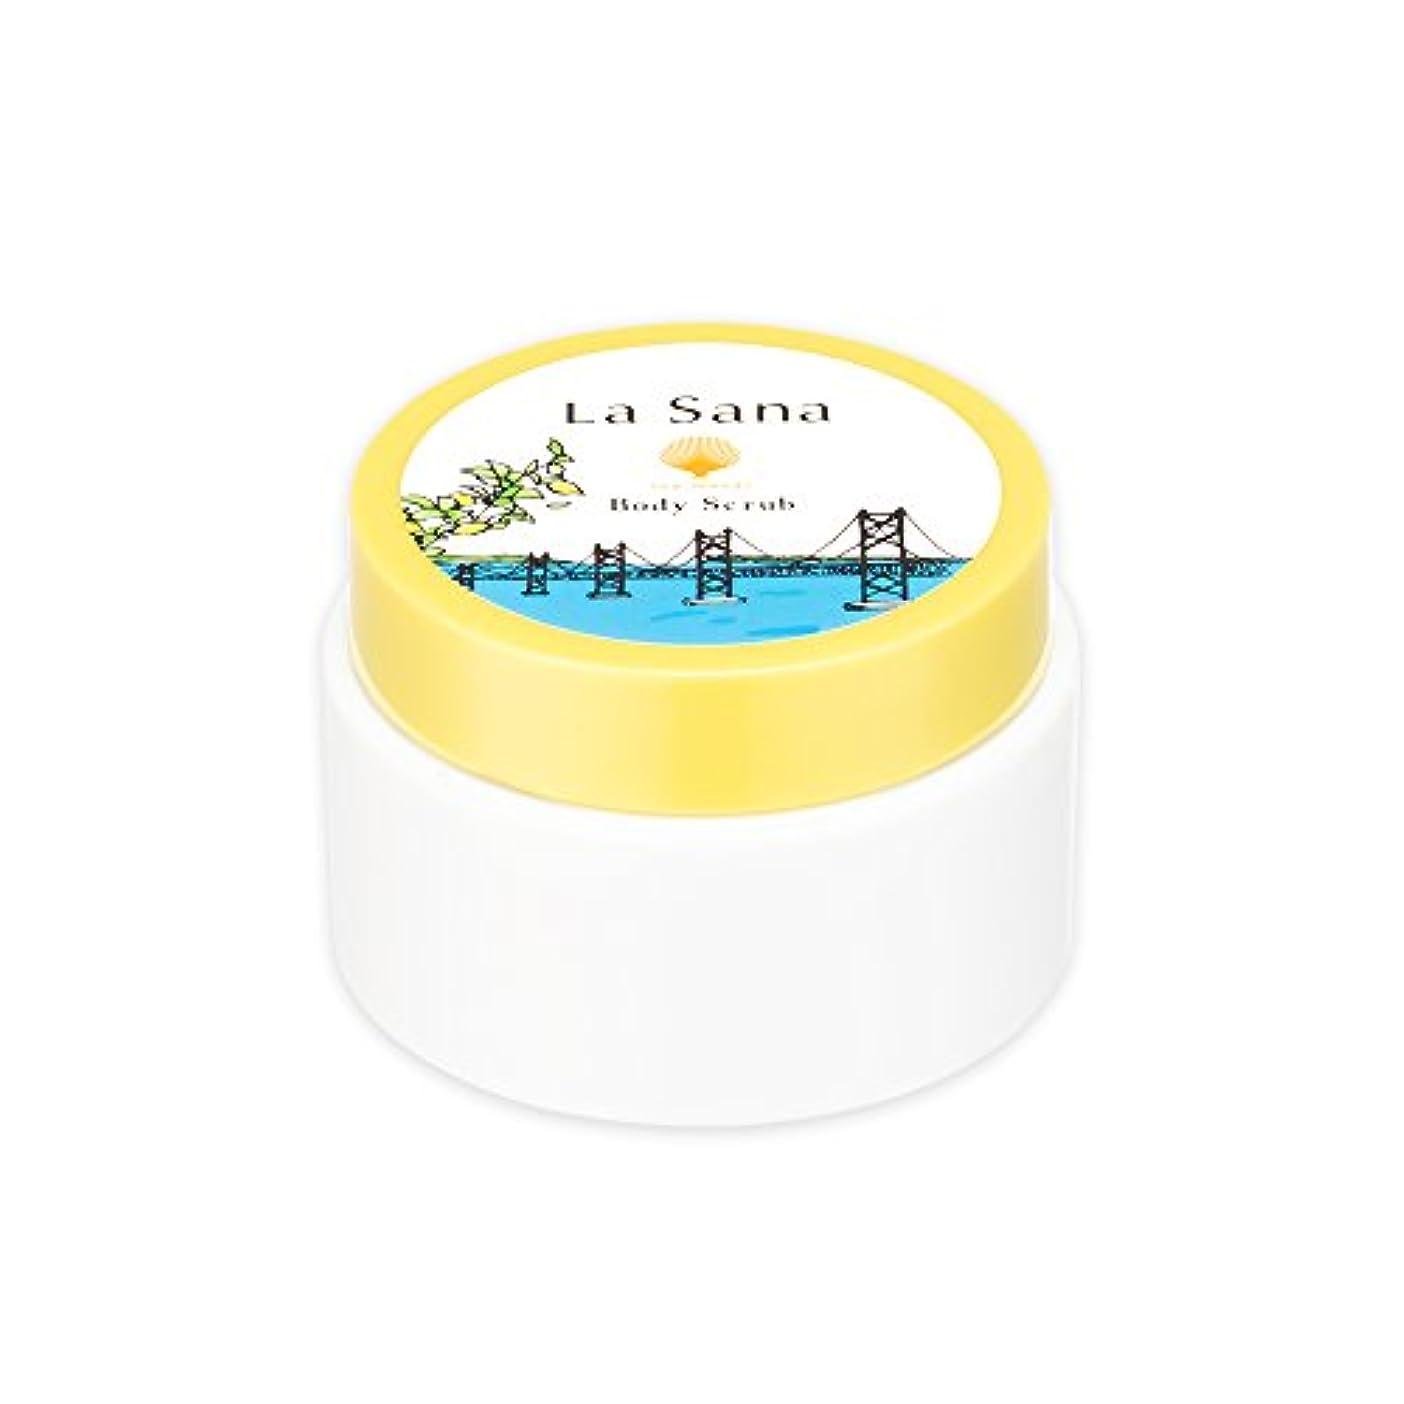 強制的かどうか弾力性のあるラサーナ La sana 海藻 ボディ スクラブ 100g 限定 瀬戸内レモンの香り ボディケア 日本製 (約1ヵ月分)